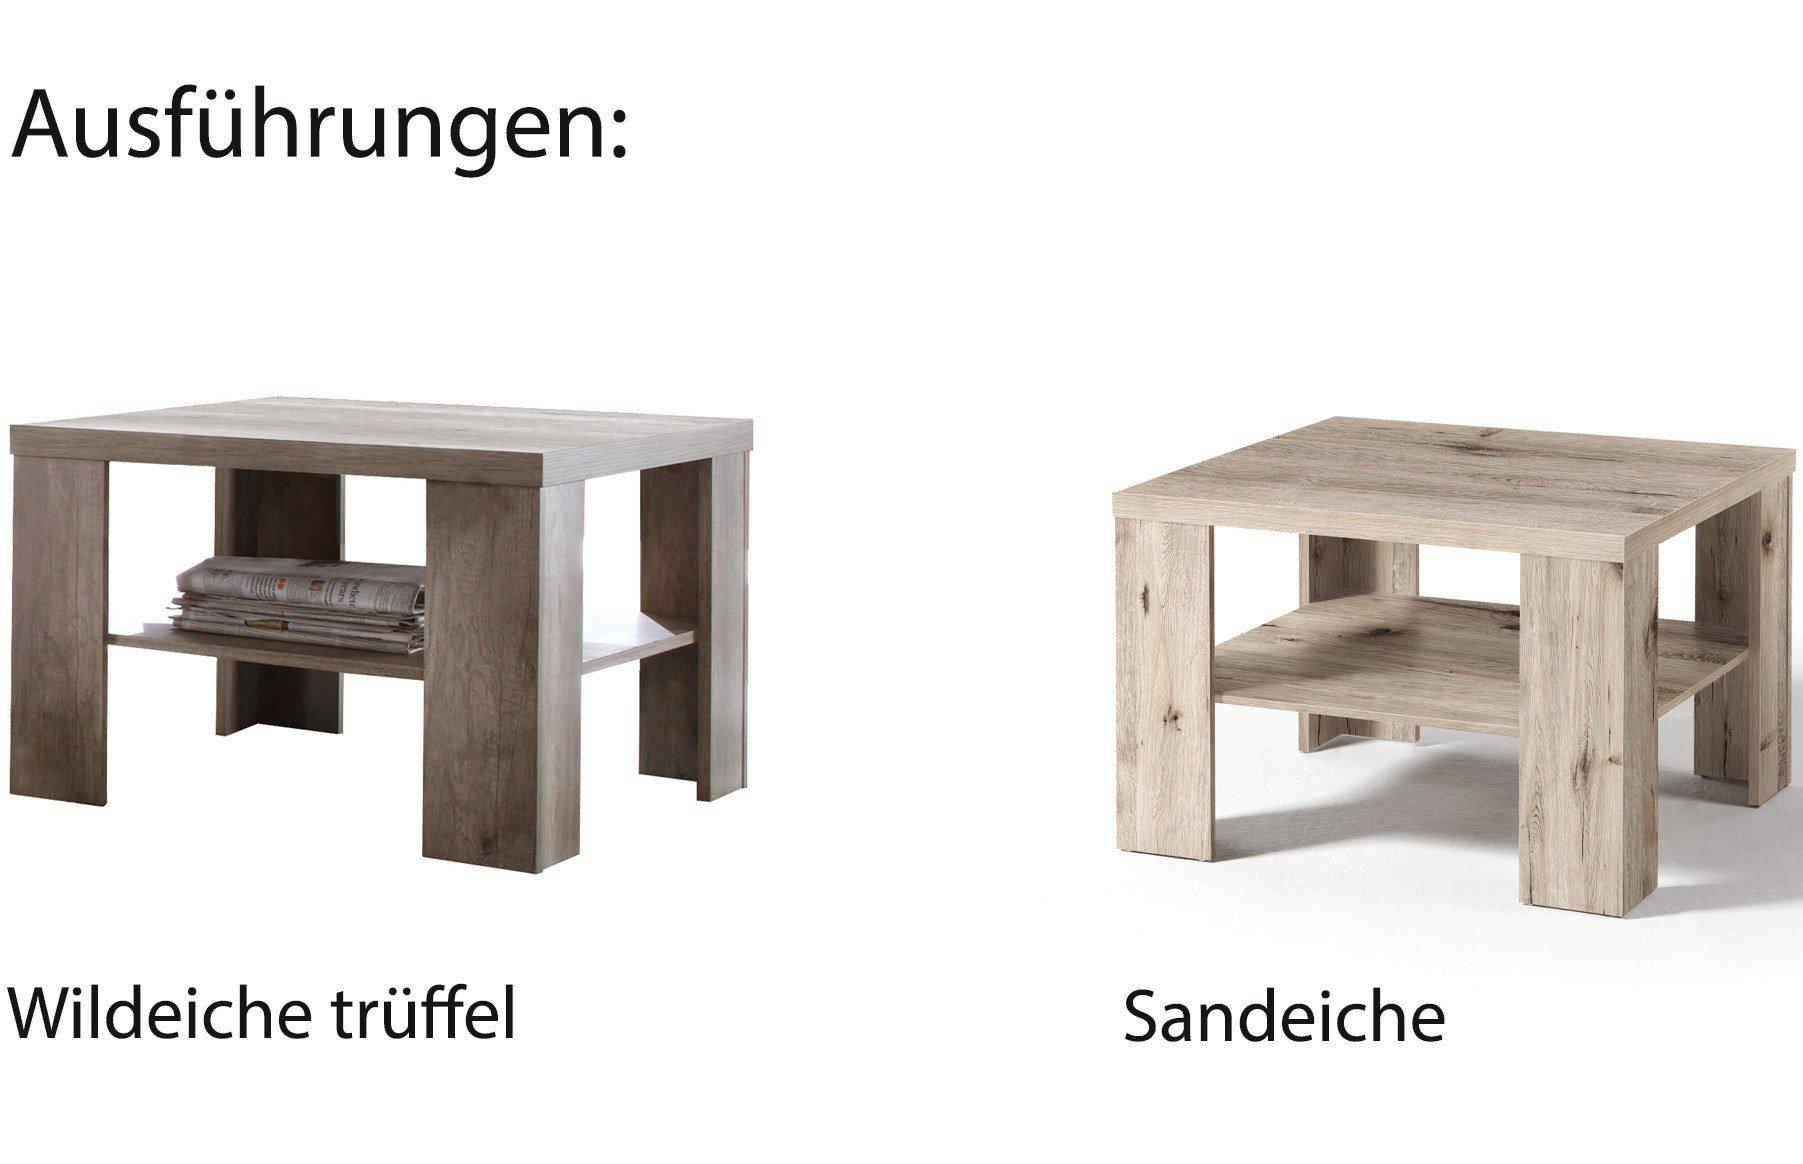 beistelltisch couchtisch matti von m usbacher in. Black Bedroom Furniture Sets. Home Design Ideas